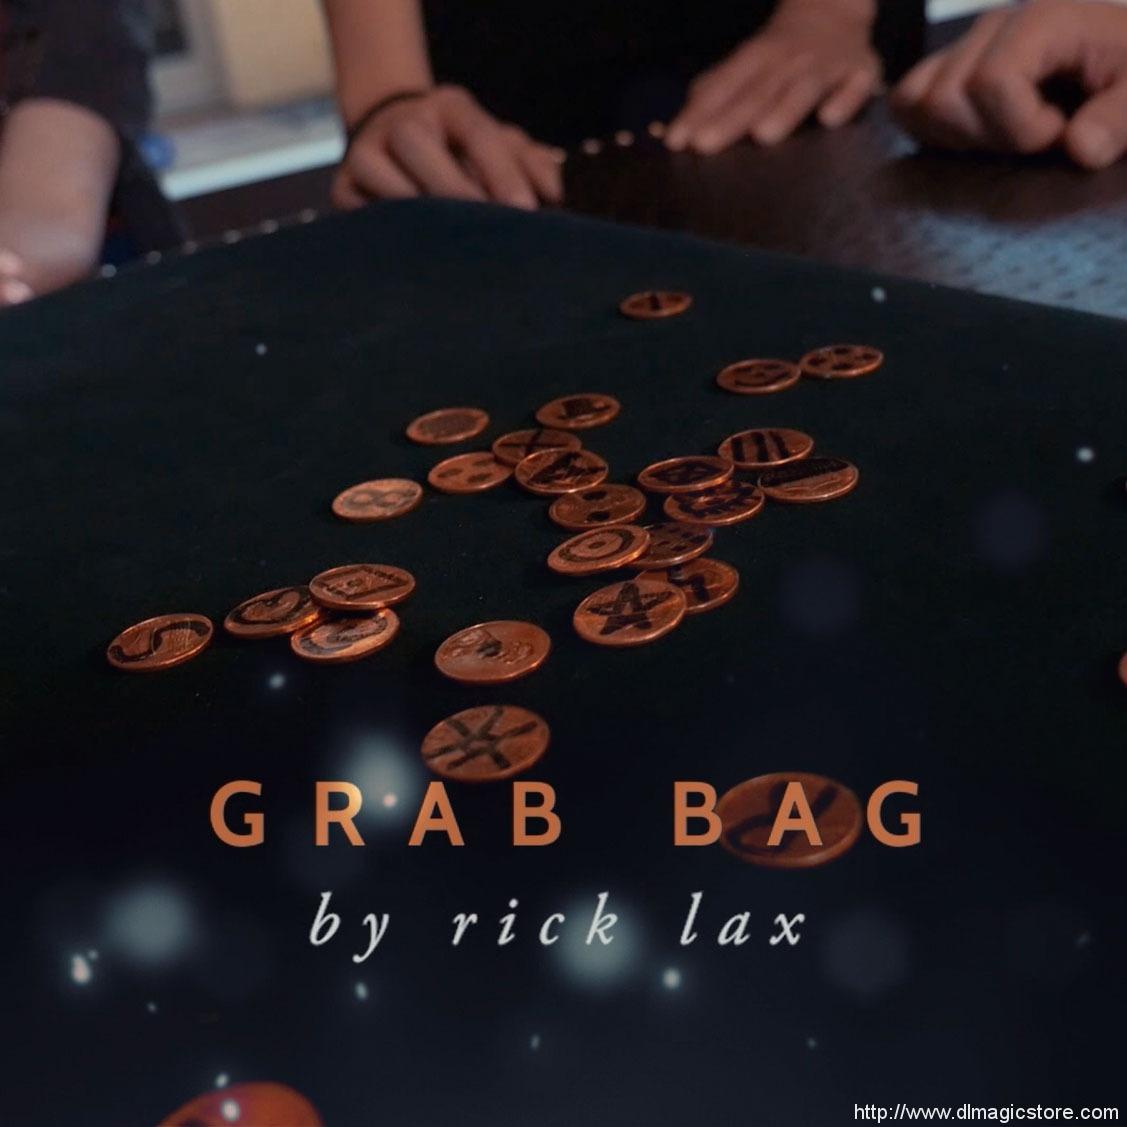 Grab Bag by Rick Lax